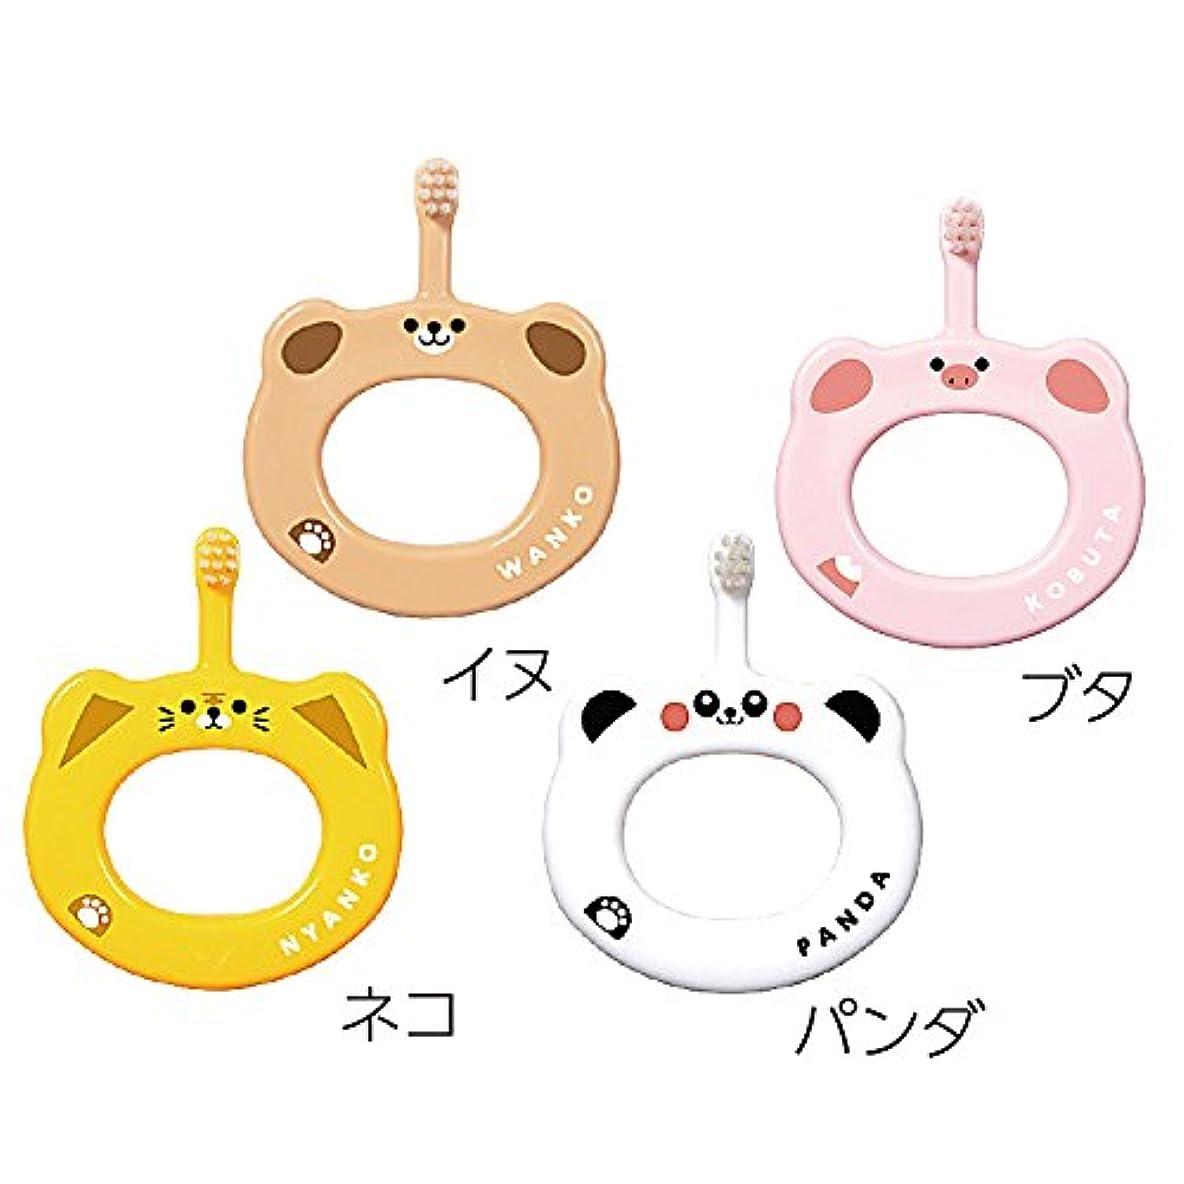 誘惑する資産上へCi ベビー 歯ブラシ 動物柄 リング 4本セット (ブタ、パンダ、ネコ、イヌ)